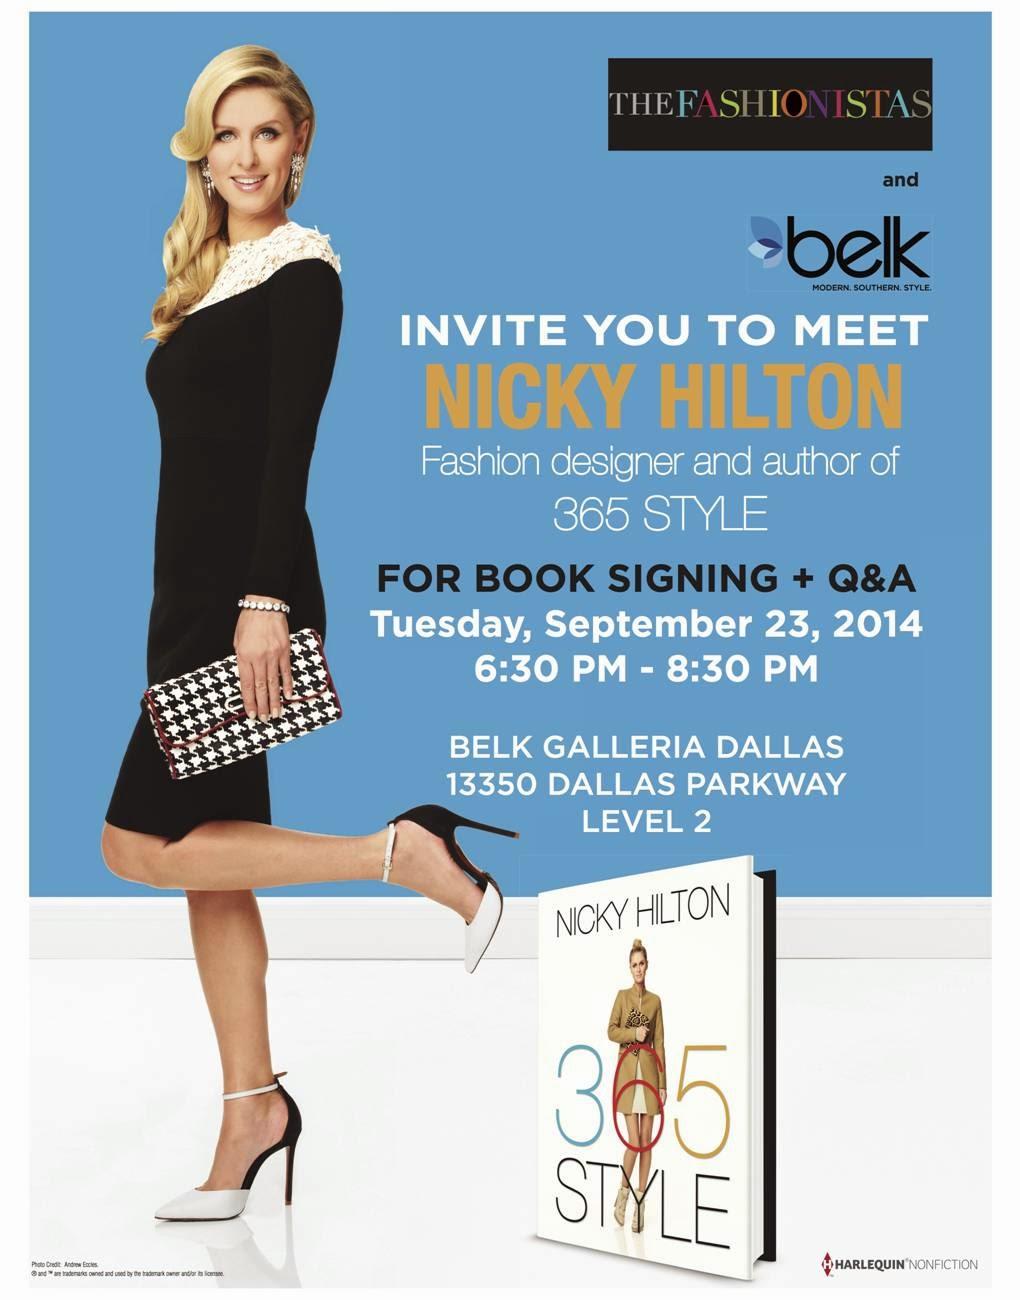 Nicky Hilton 365 STYLE Belk book signing